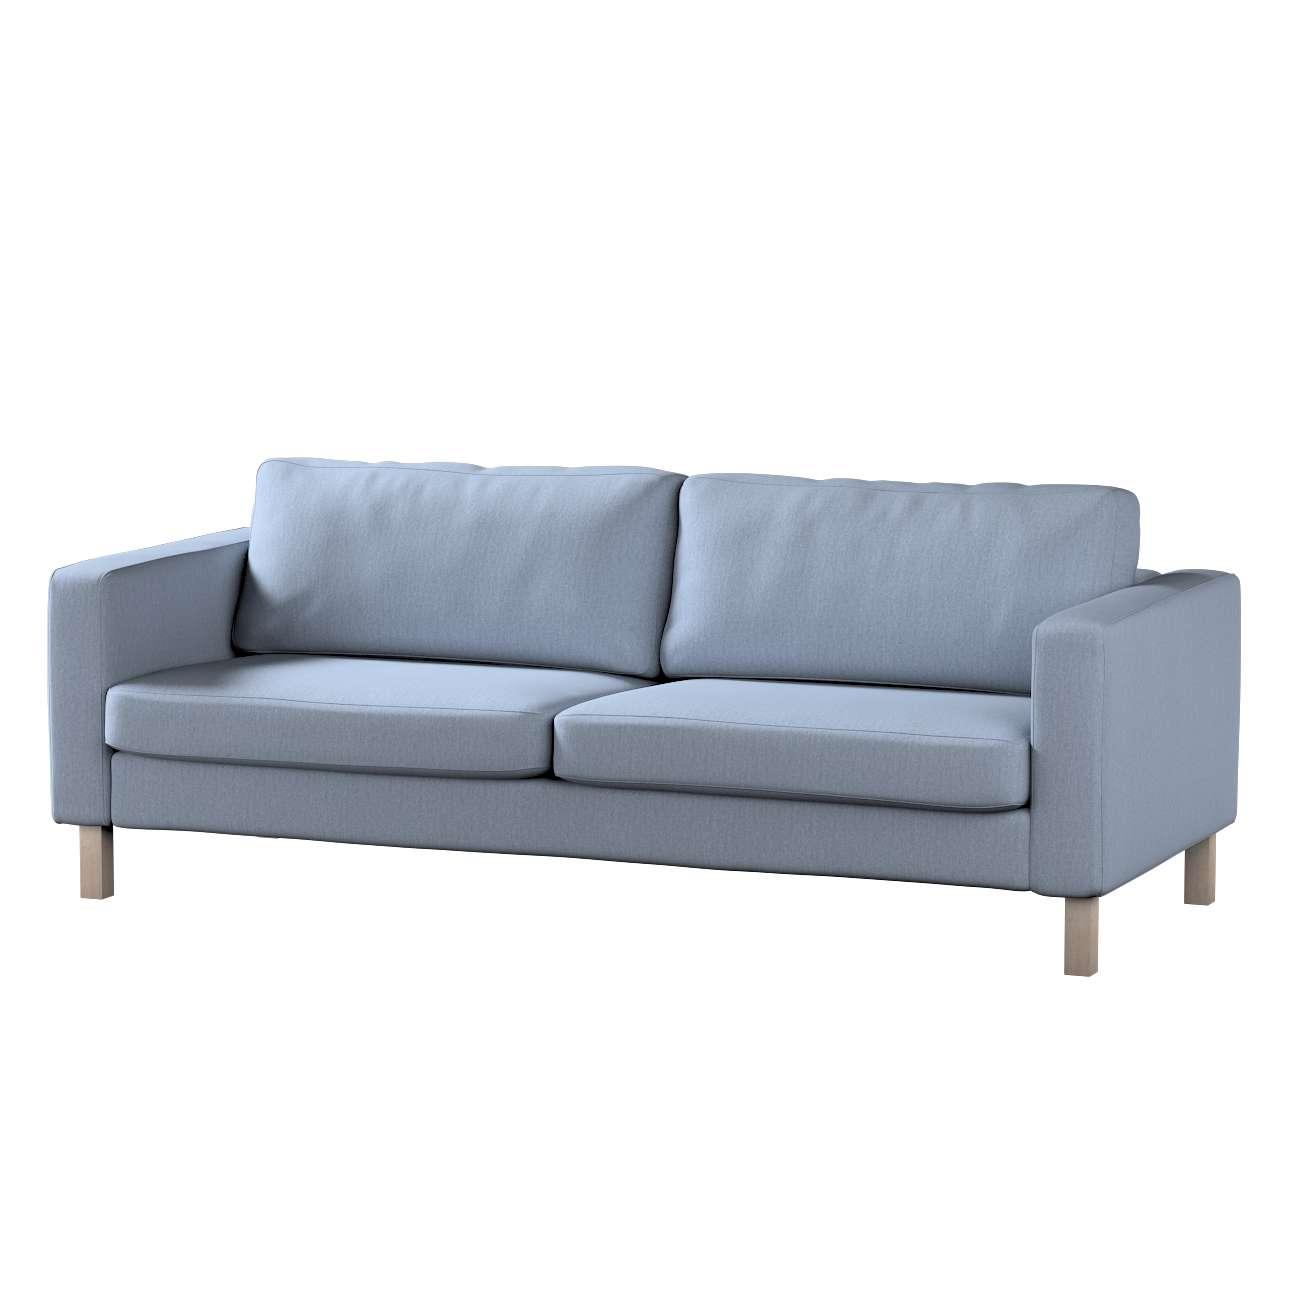 Pokrowiec na sofę Karlstad 3-osobową nierozkładaną, krótki Sofa Karlstad 3-osobowa w kolekcji Chenille, tkanina: 702-13